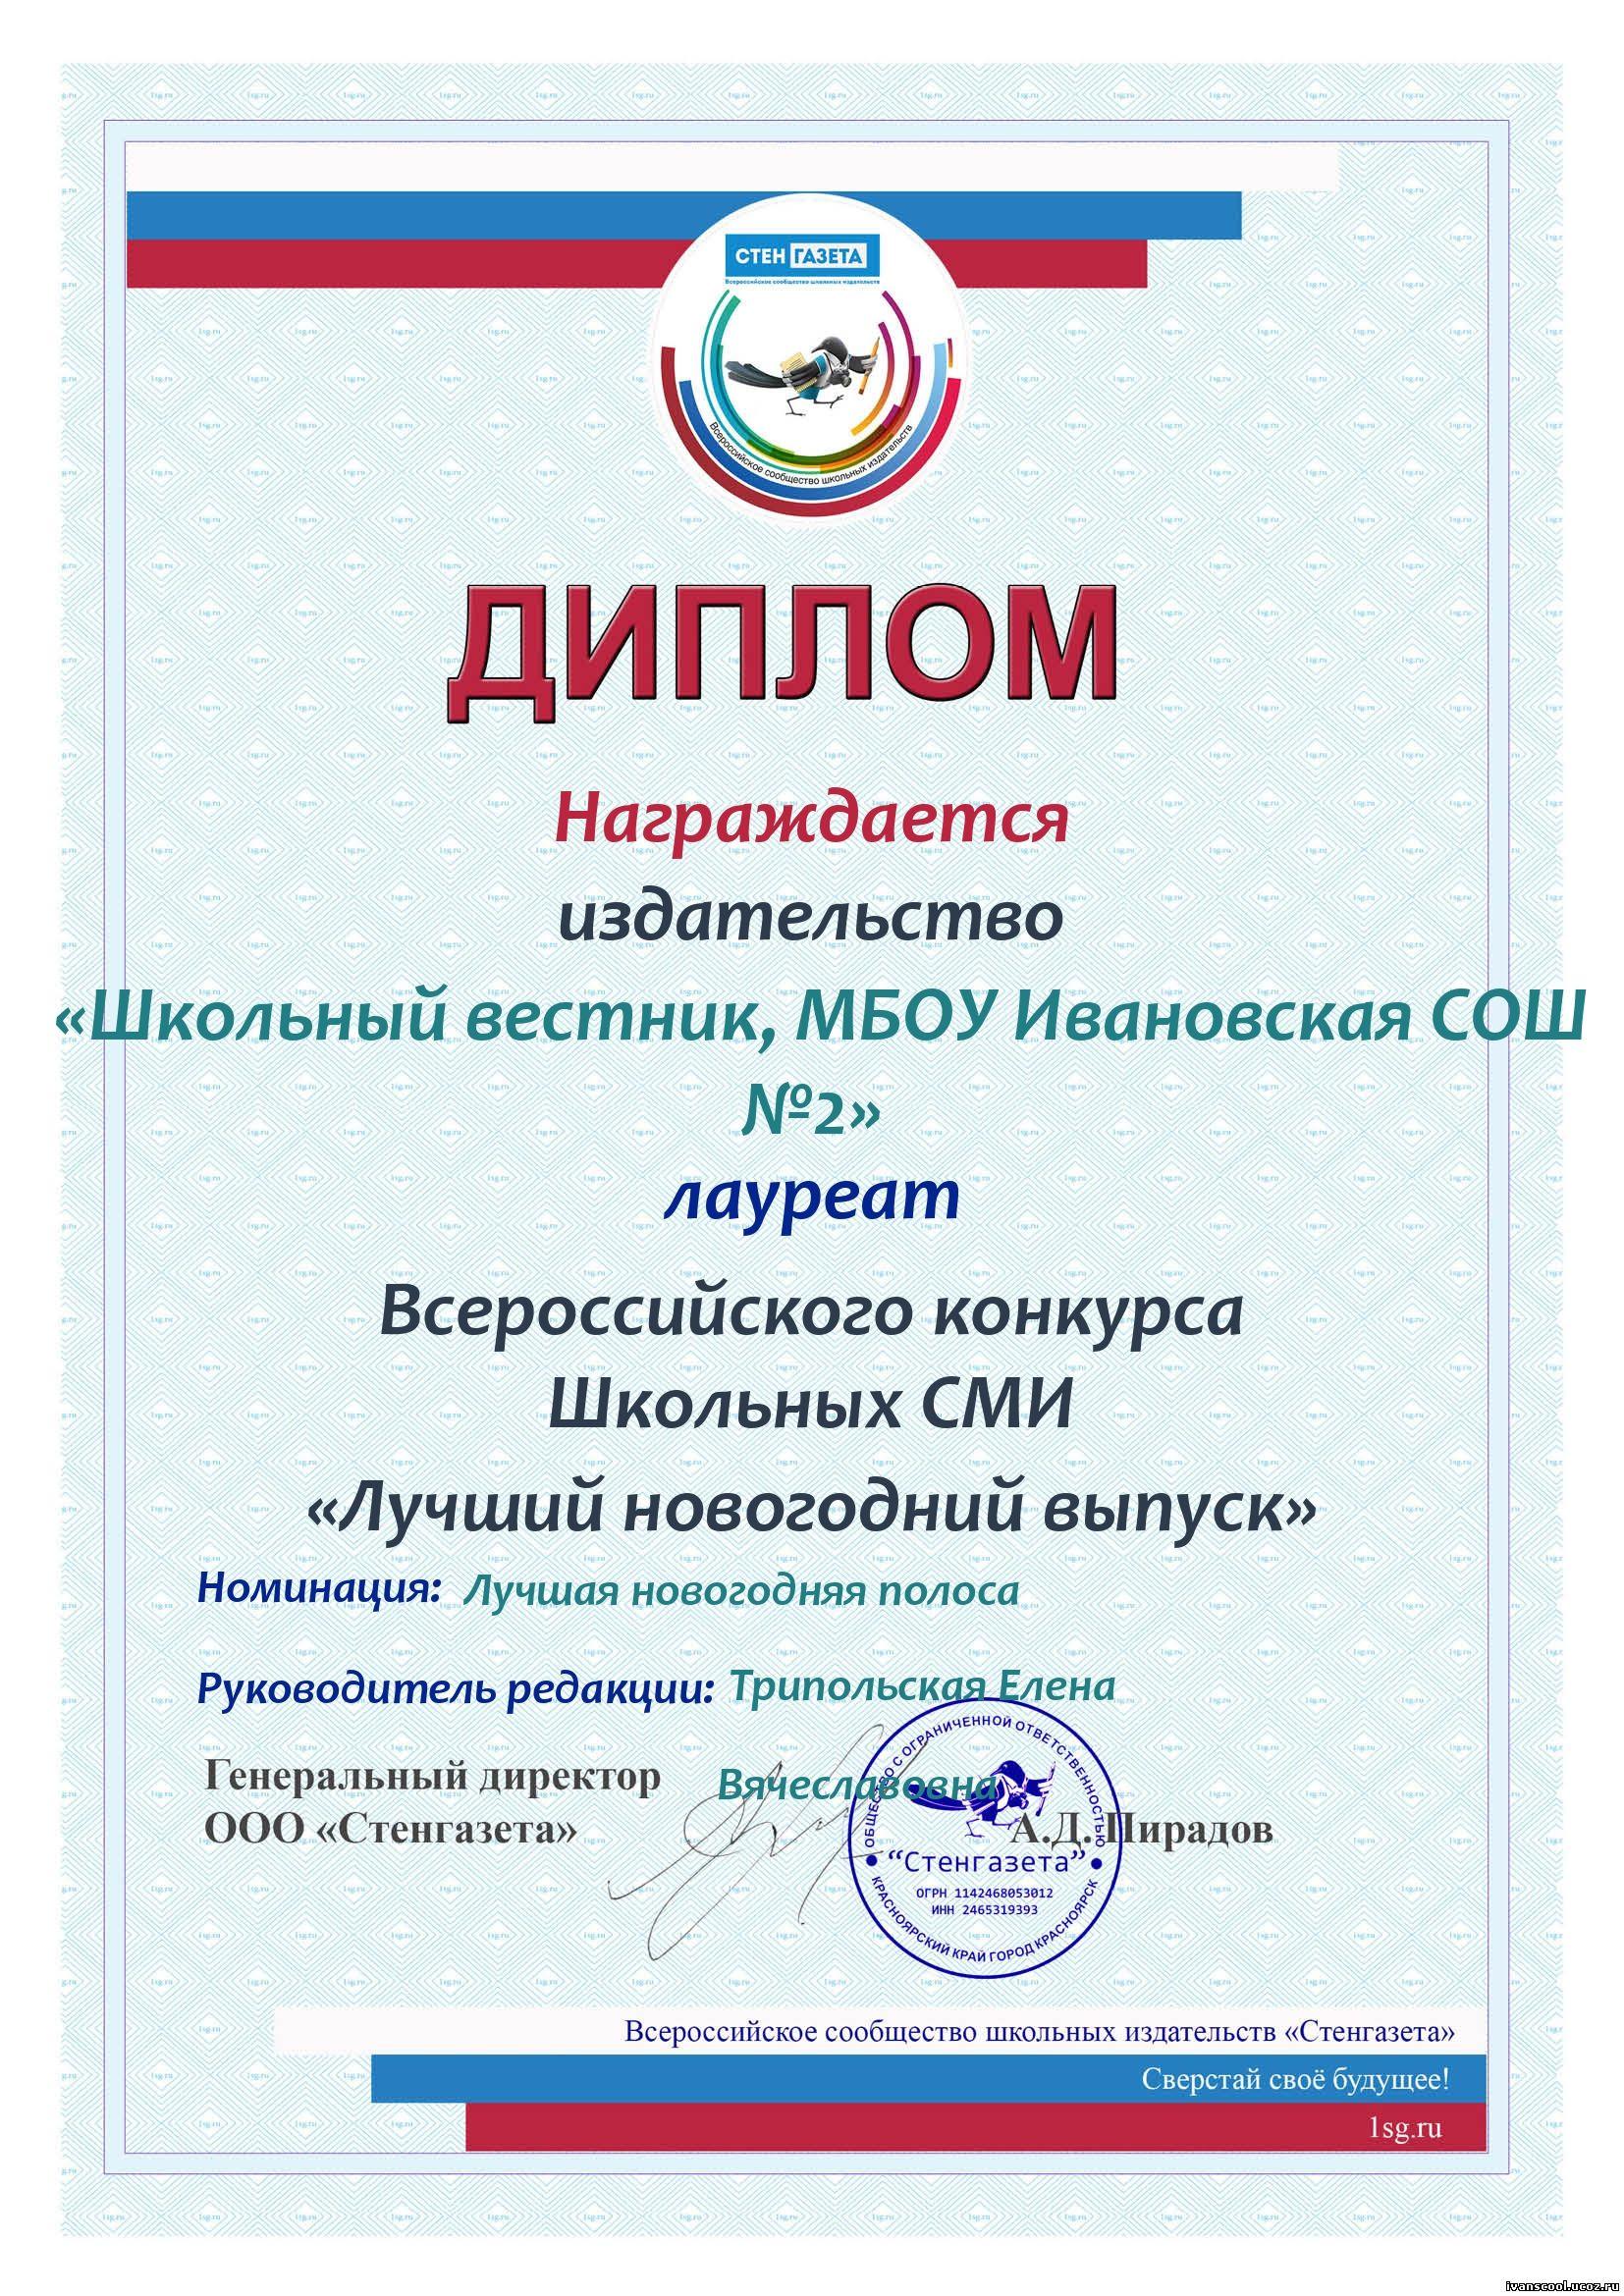 Всероссийский конкурс школьных изданий